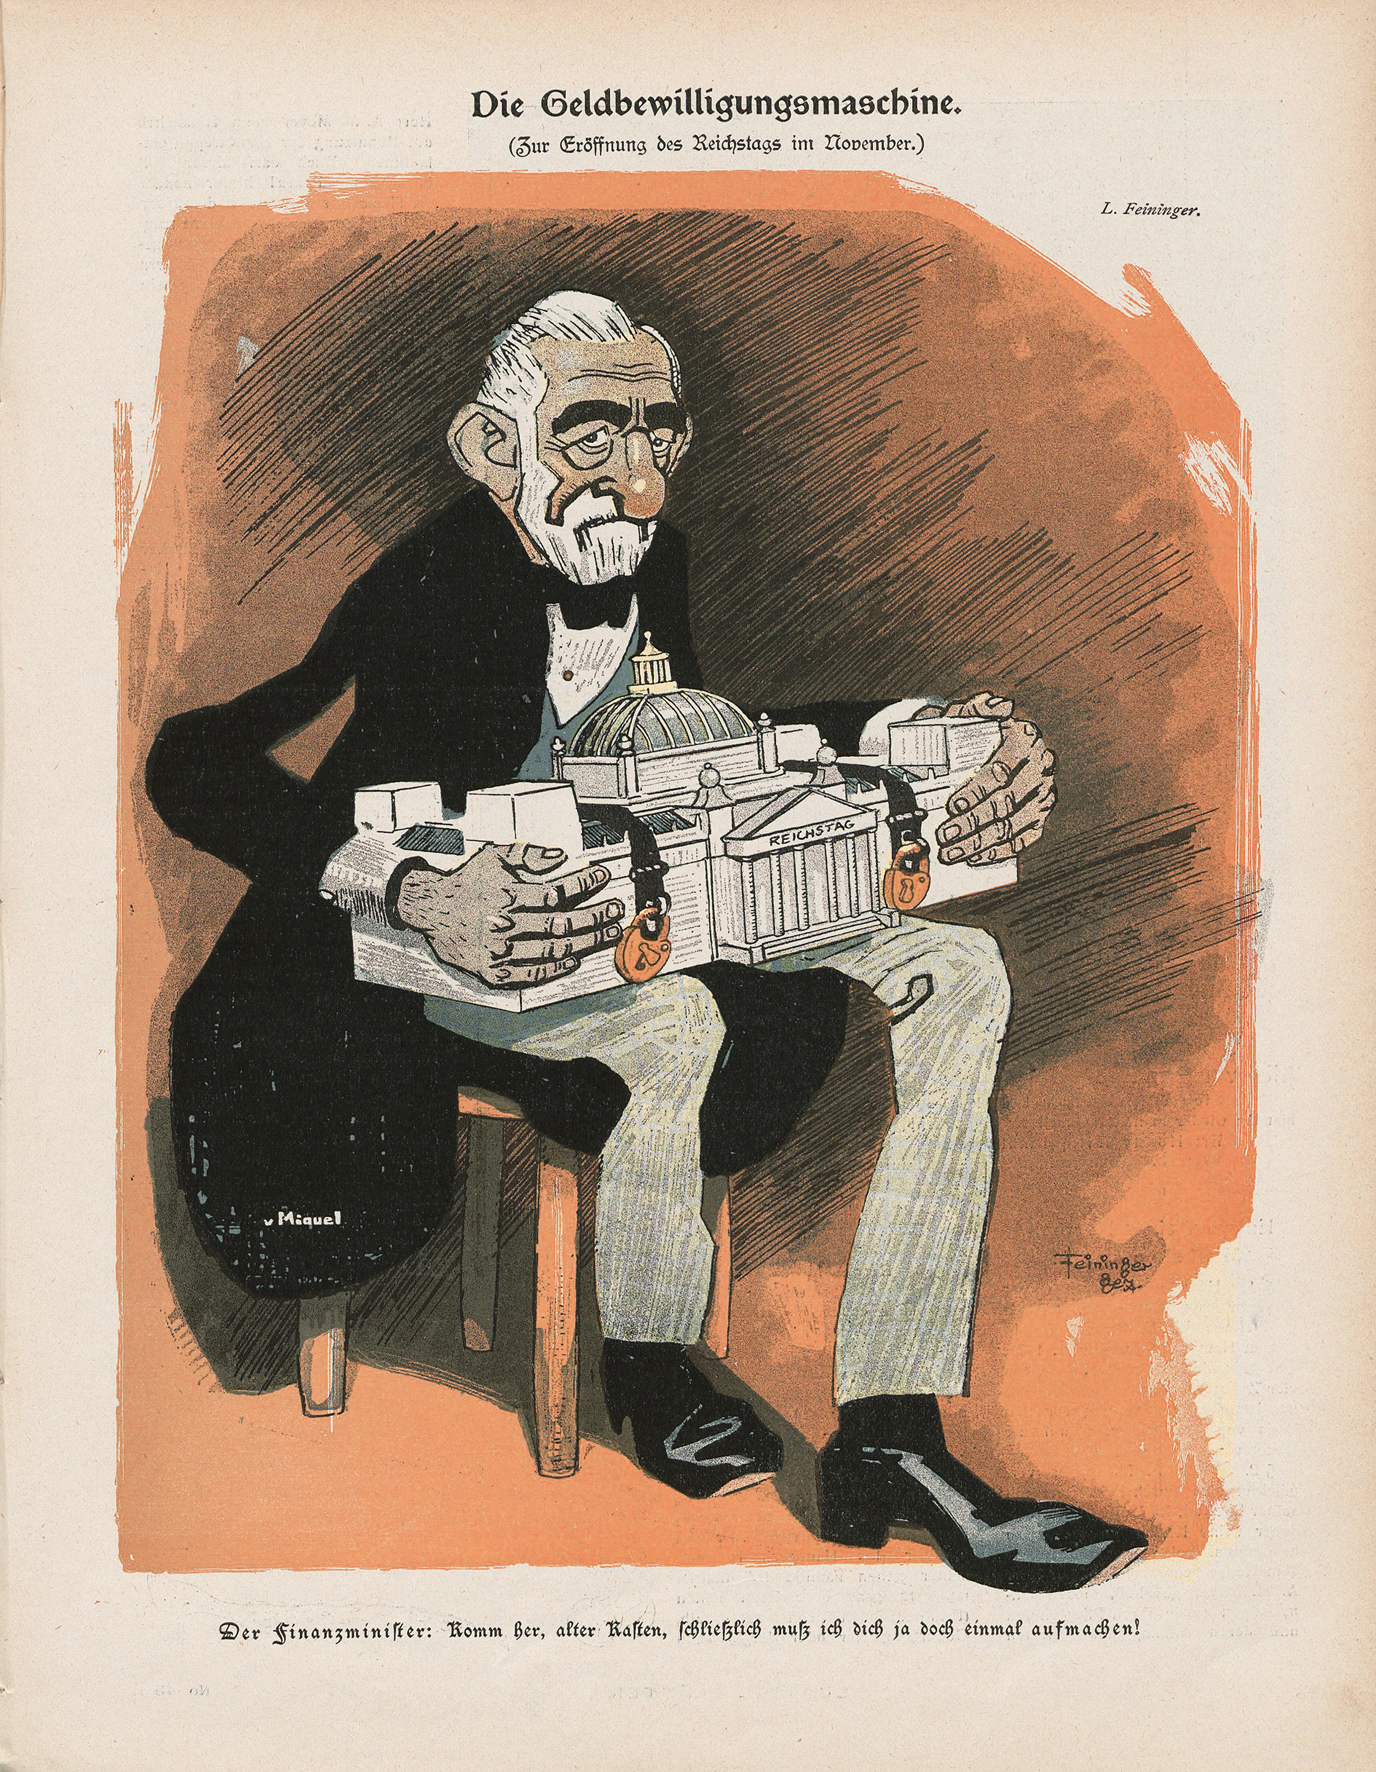 Lyonel Feininger, Die Geldbewilligungsmaschine, 1900, Zeitungsdruck, 31 x 24 cm, in: Lustige Blätter, XV. Jg., 1900, Nr. 45, S. 7, Sammlung Roland März © VG Bildkunst Bonn